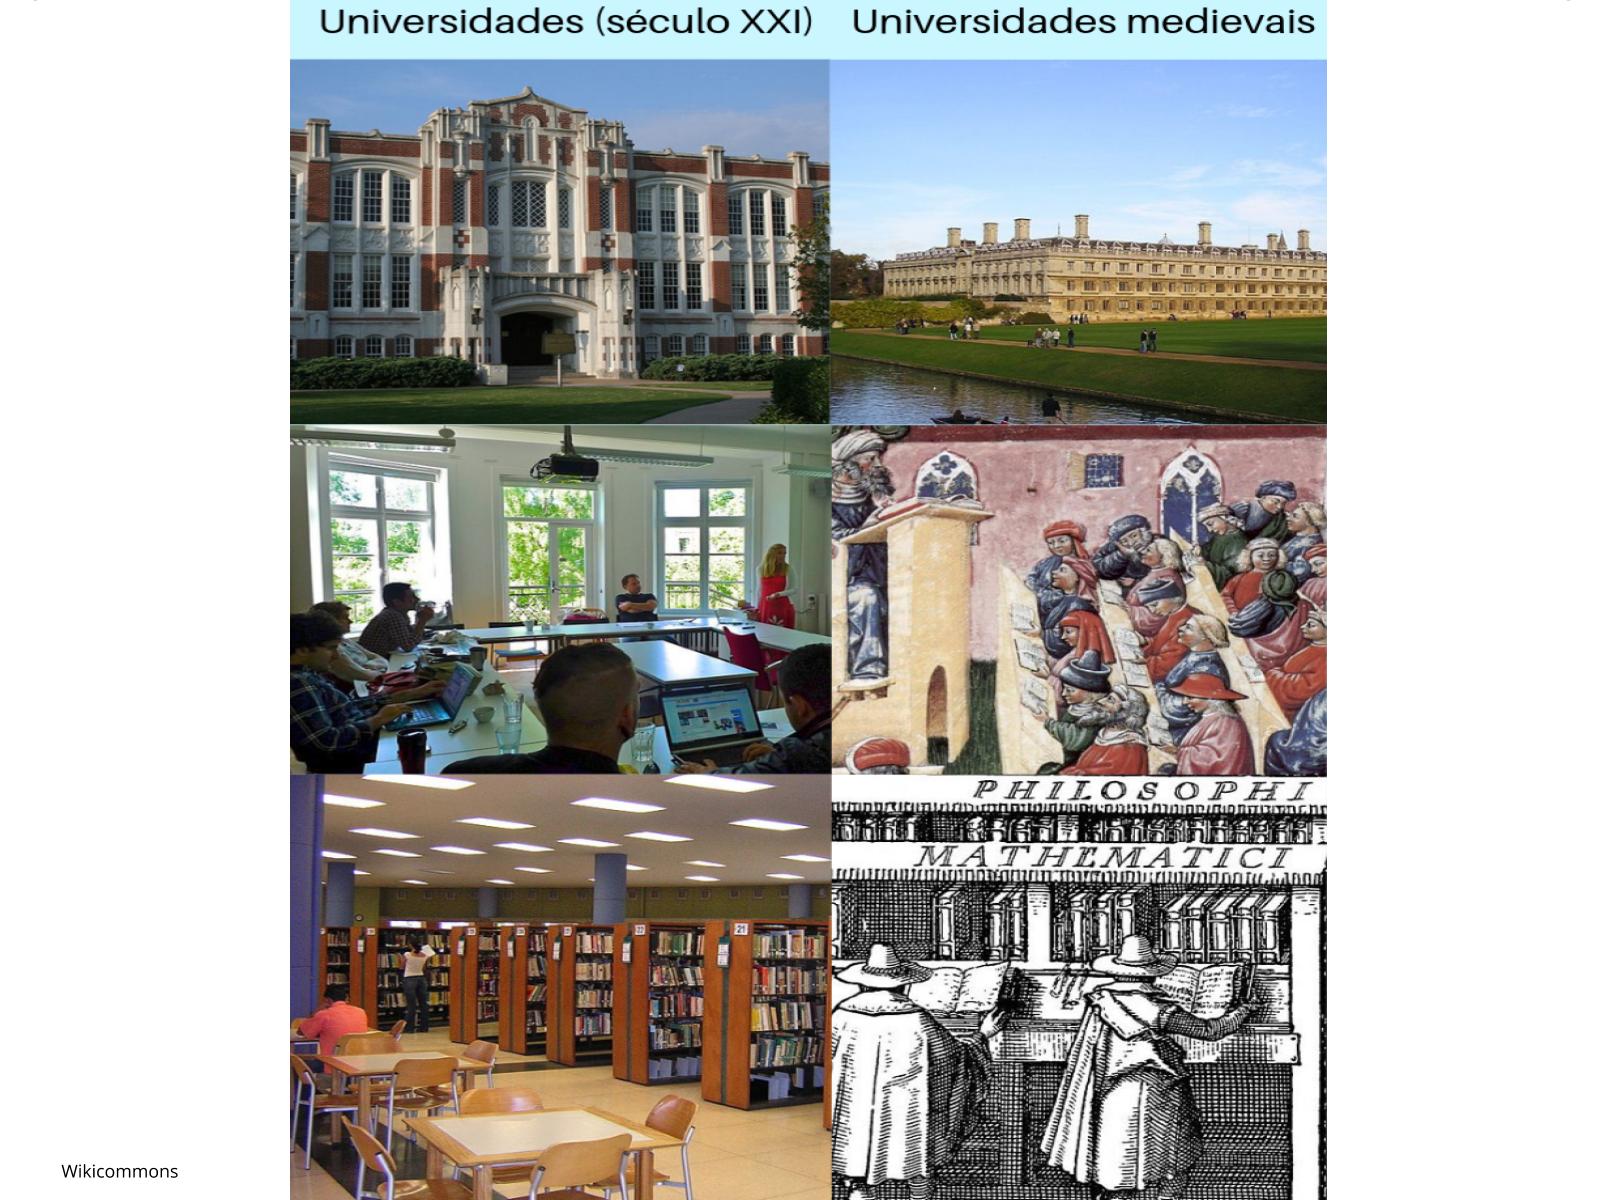 As universidades medievais